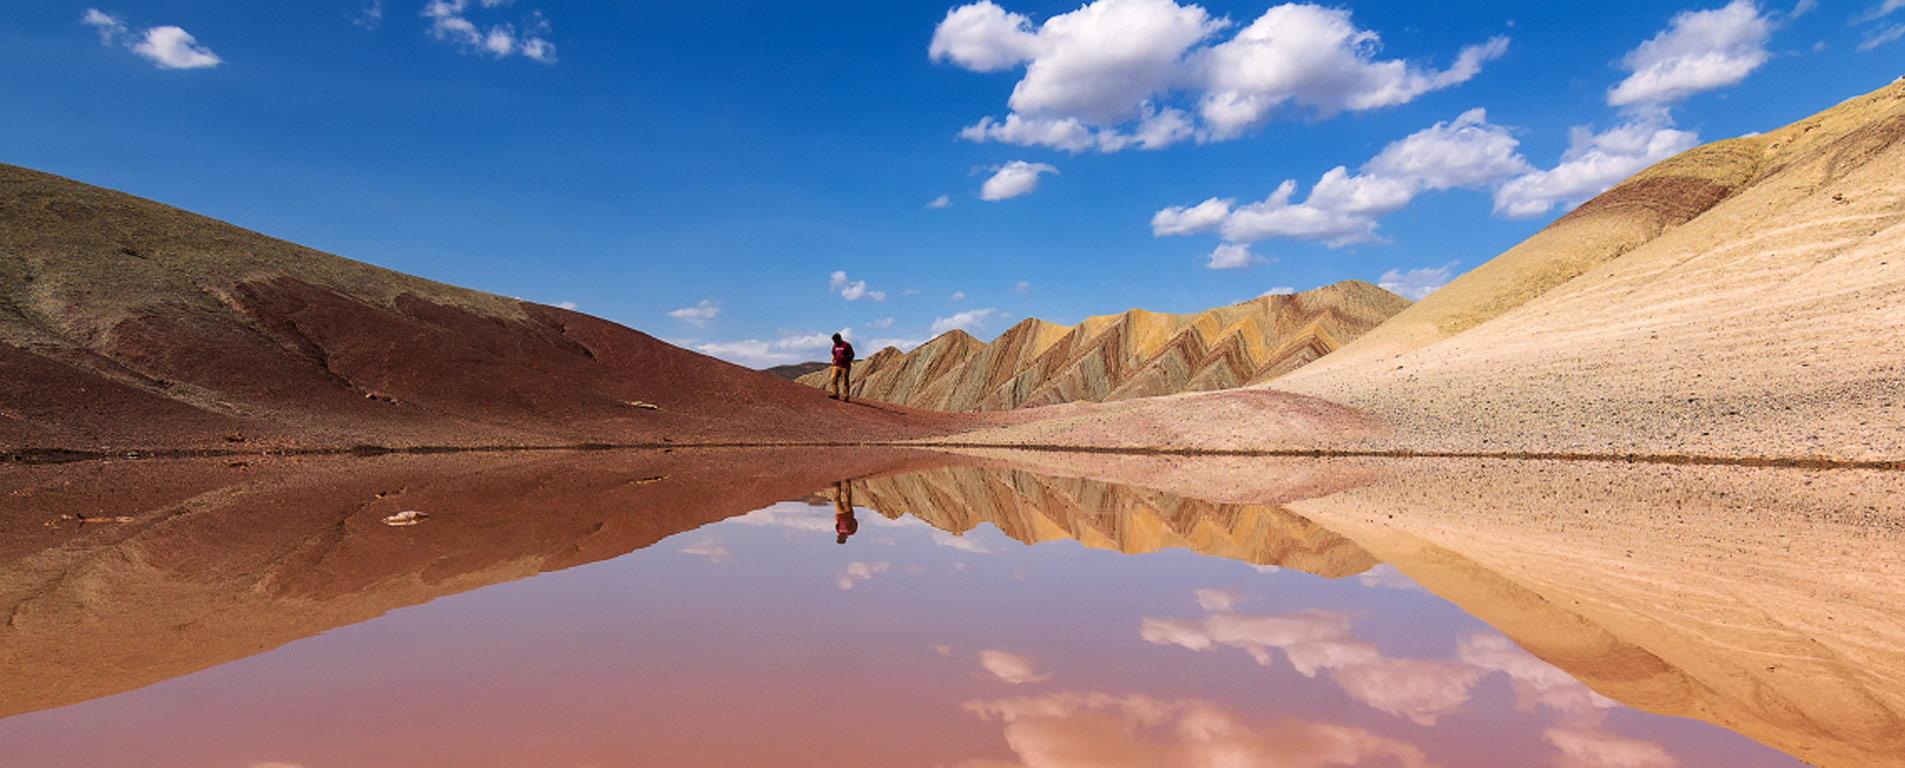 آلاداغ لار ، کوههایی رنگارنگی به شگفتی طبیعت ایران